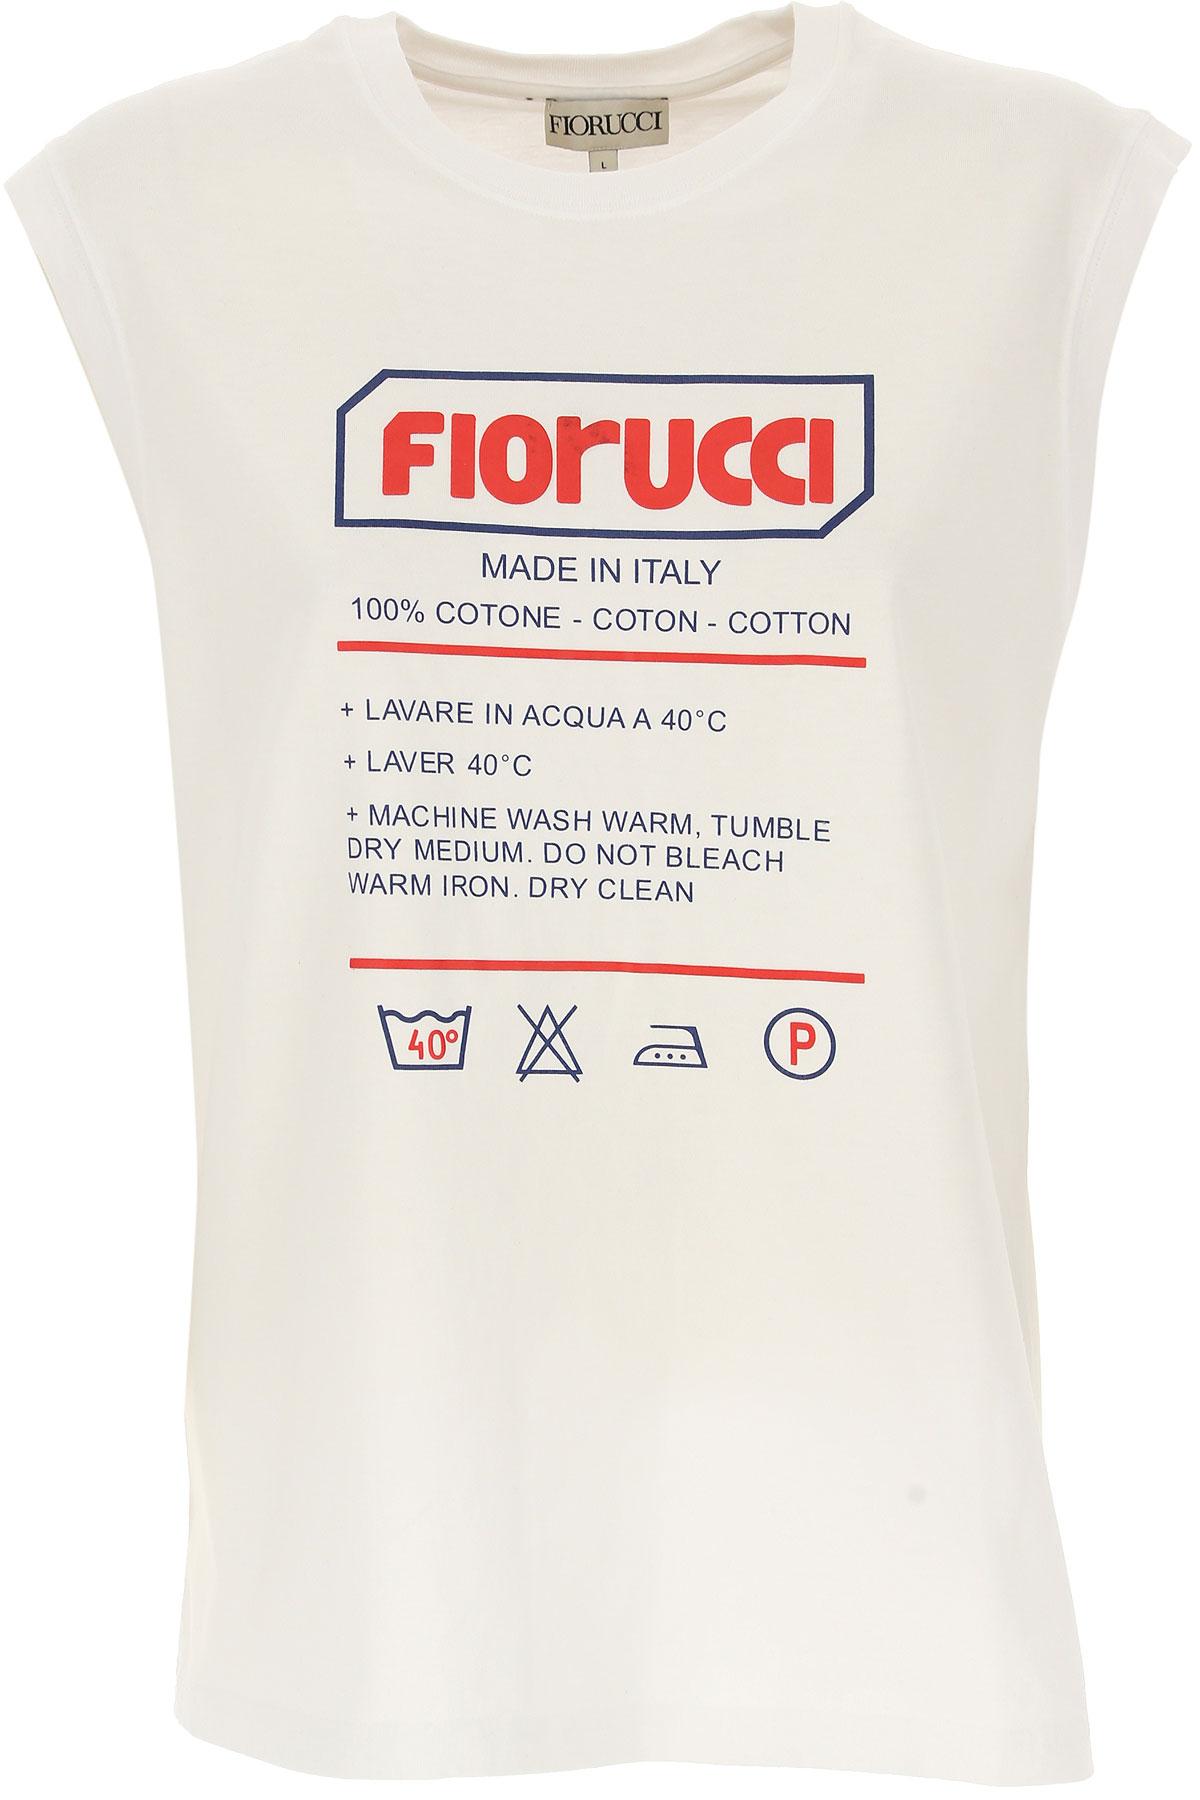 Fiorucci T-shirt Femme Pas cher en Soldes, Blanc, Coton, 2017, 38 40 44 M